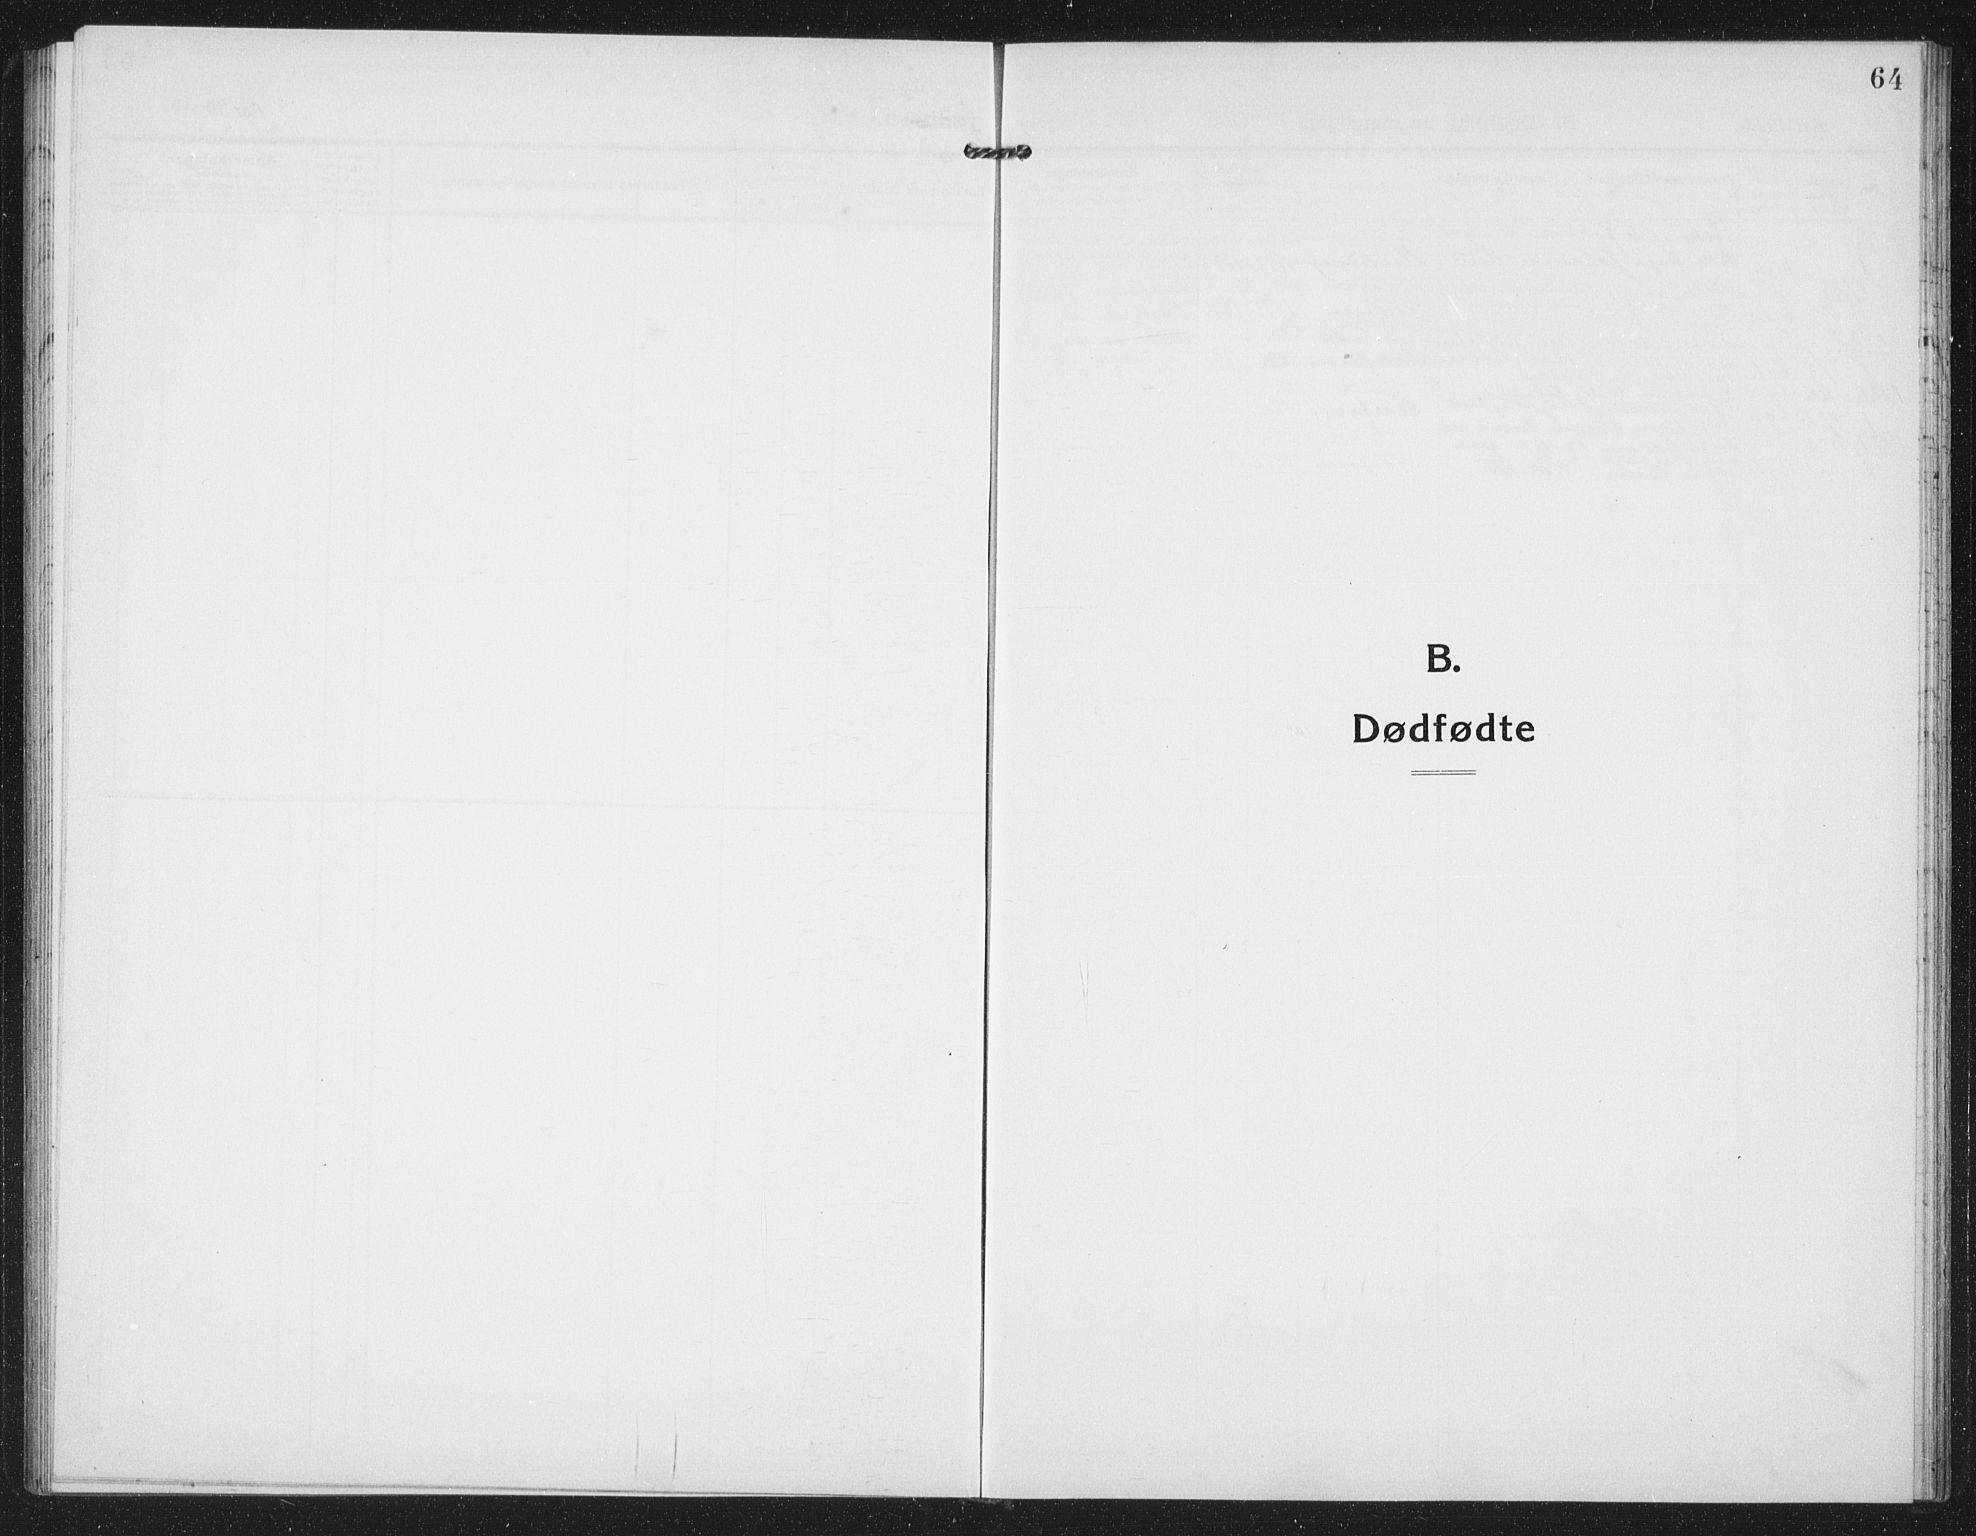 SAT, Ministerialprotokoller, klokkerbøker og fødselsregistre - Sør-Trøndelag, 659/L0750: Klokkerbok nr. 659C07, 1914-1940, s. 64